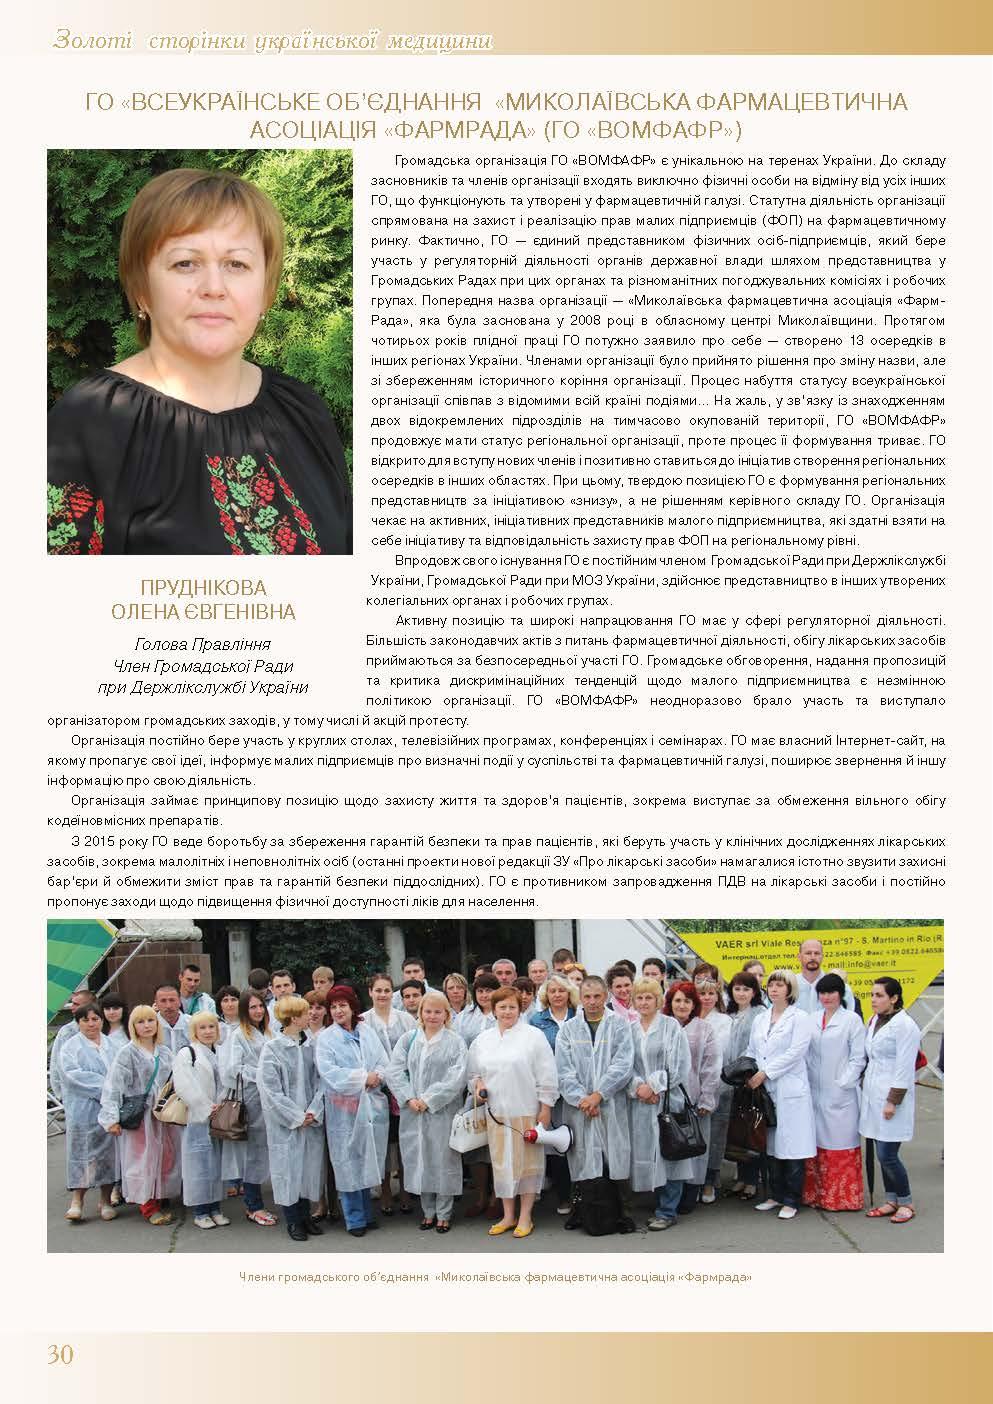 ГО «Всеукраїнське об'єднання «Миколаївська фармацевтична асоціація «ФармРада» (ГО «ВОМФАФР»)